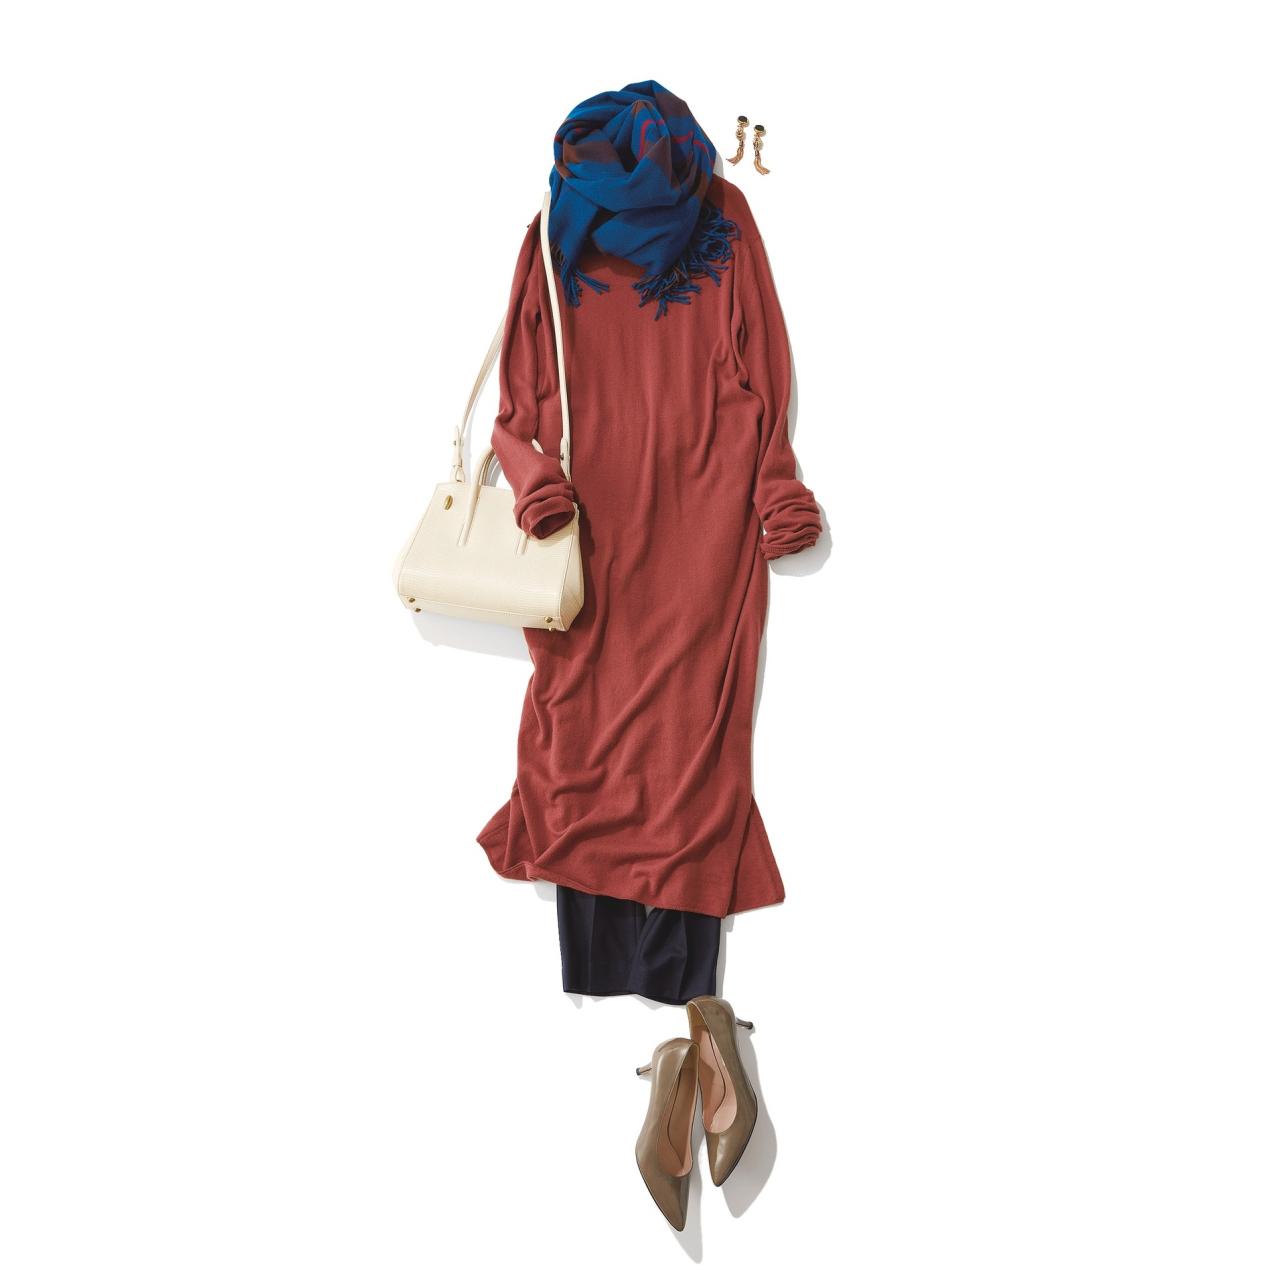 ワンピース×パンツのファッションコーデ